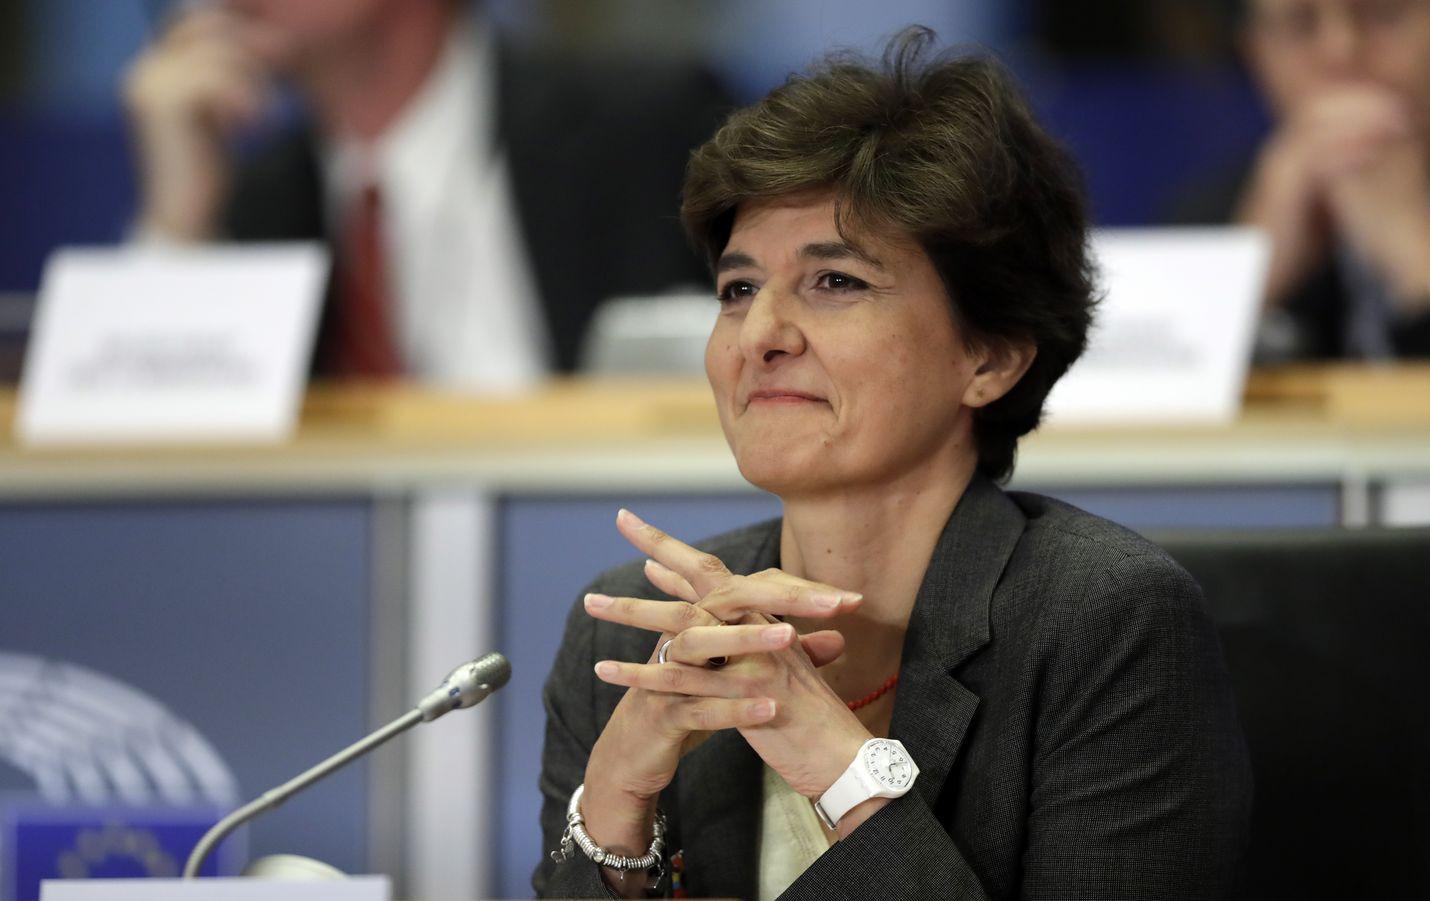 Ranskan Sylvie Goulardin nousu sisämarkkinakomissaariksi on uhattuna, sillä Goulard ei onnistunut vakuuttamaan parlamenttia toisessakaan kuulemisessa.